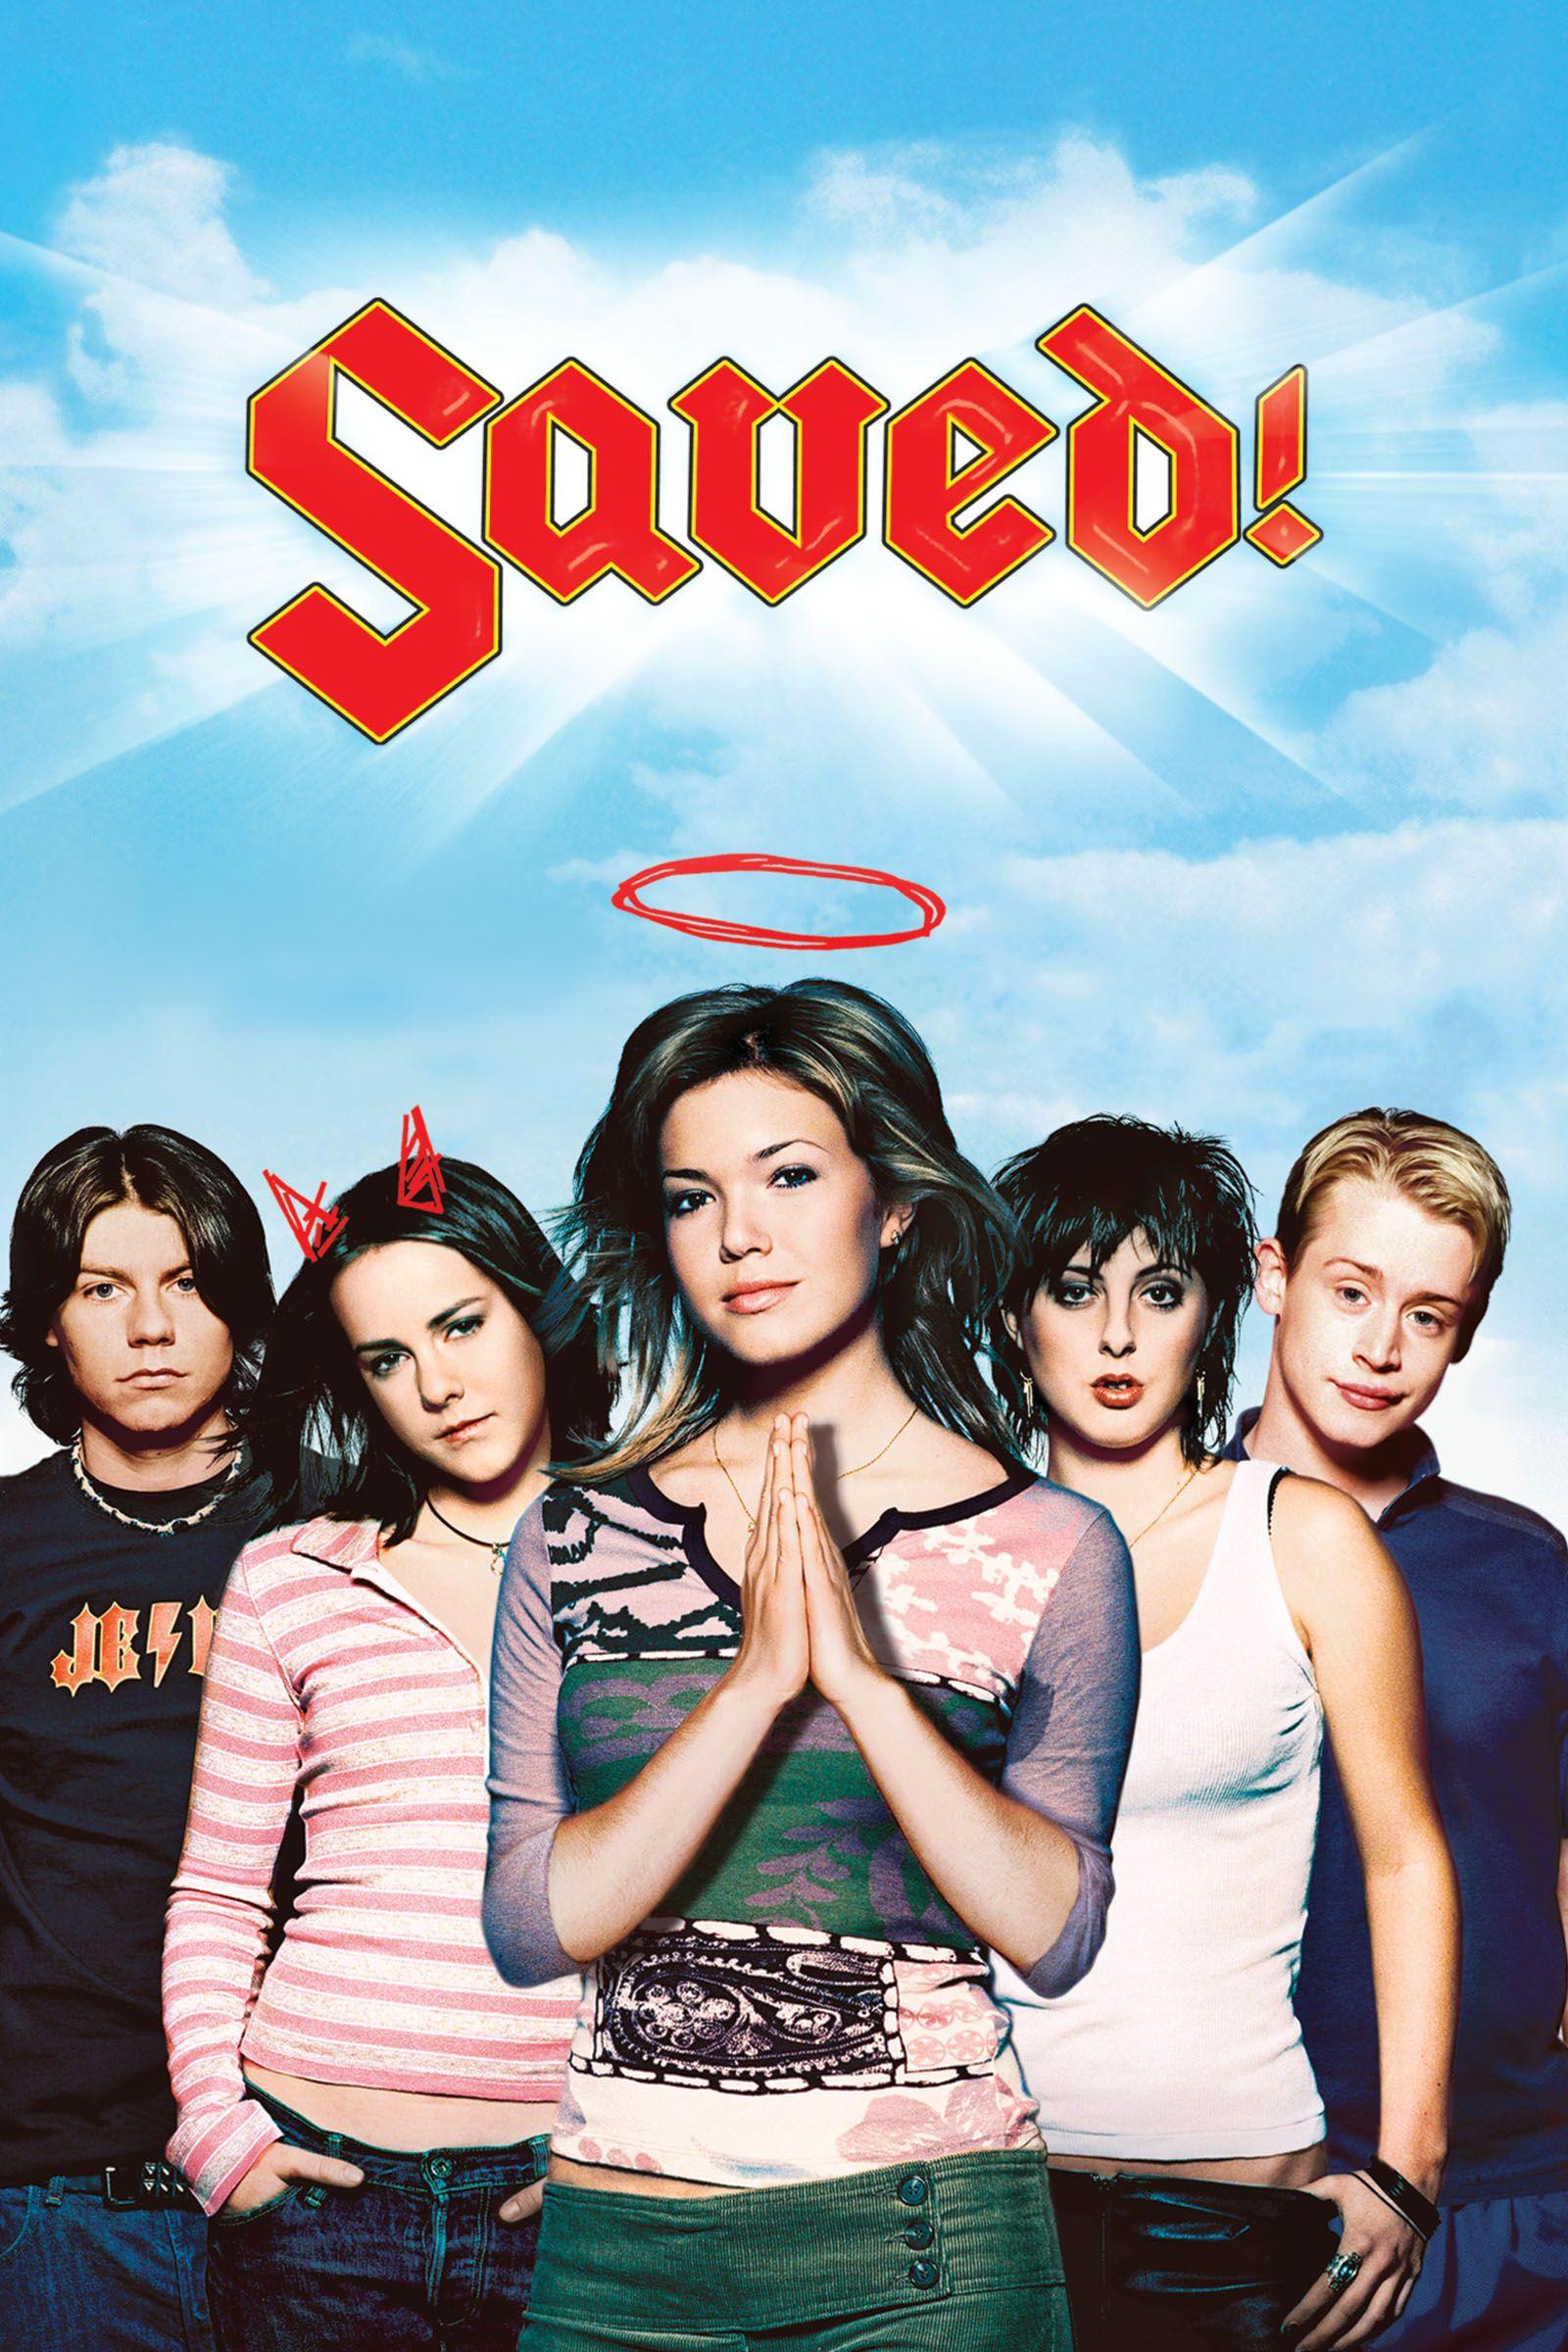 Saved! Movie Poster - Jena Malone, Mandy Moore, Macaulay Culkin ...